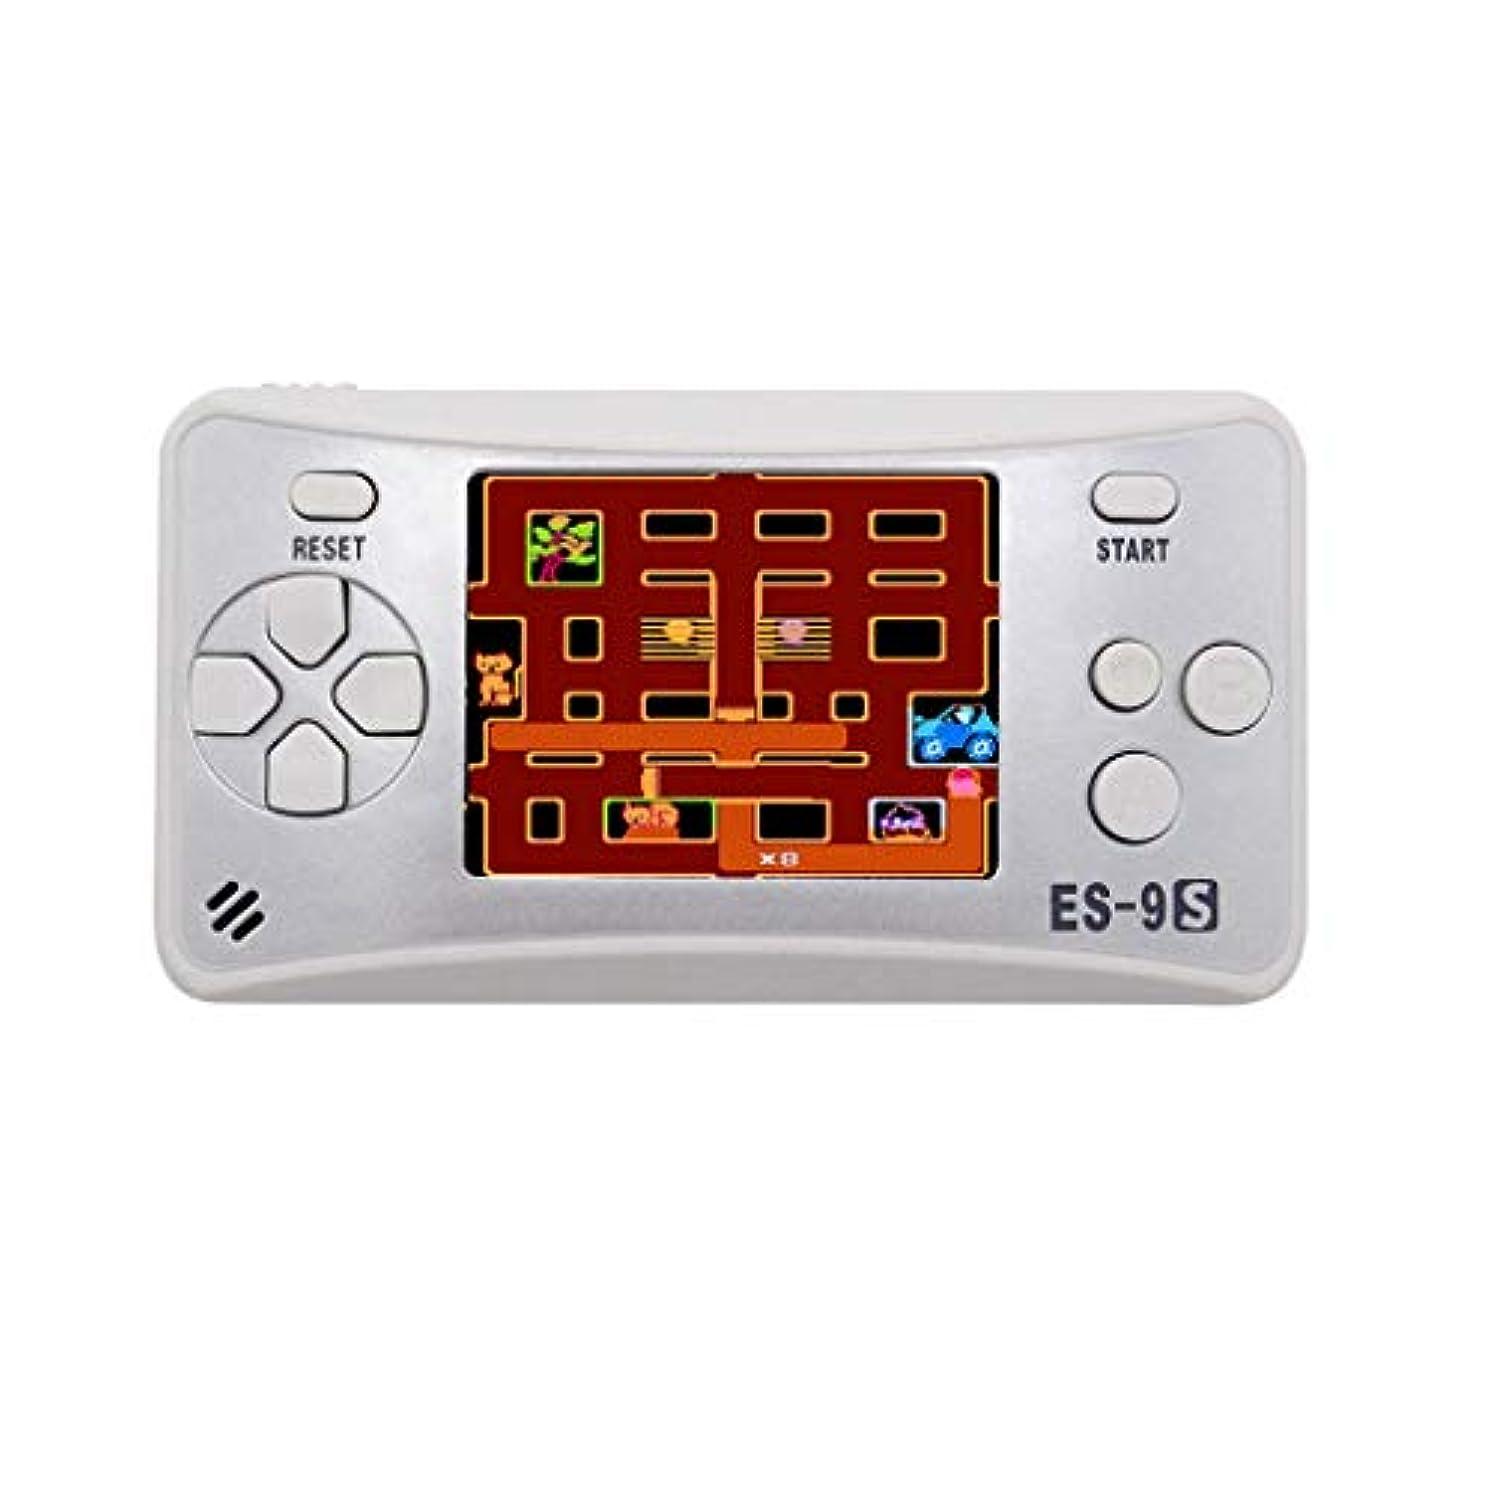 より平らなホバート図携帯ゲーム機 2.5インチ アーケードゲーム ハンドヘルド ビデオ ゲーム コンソール 内蔵168クラシックゲーム ゲームプレーヤー サポートTVプレイhuajuan